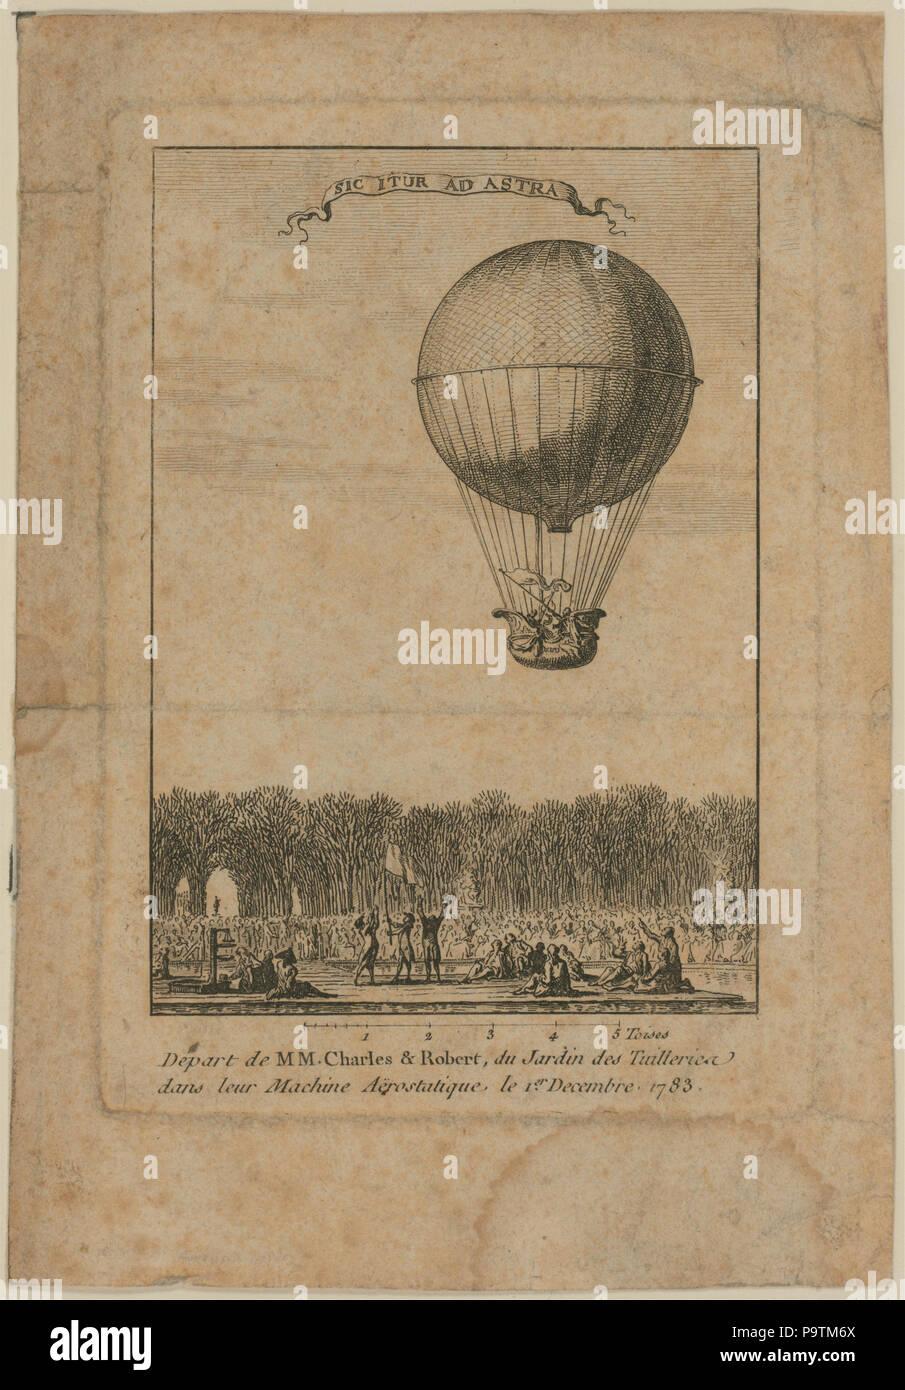 384 salen de MM. Charles y Robert, du Jardin des Tuilleries dans leur máquina aërostatique, le 1er Decembre 1783 LCCN2002721986 Foto de stock